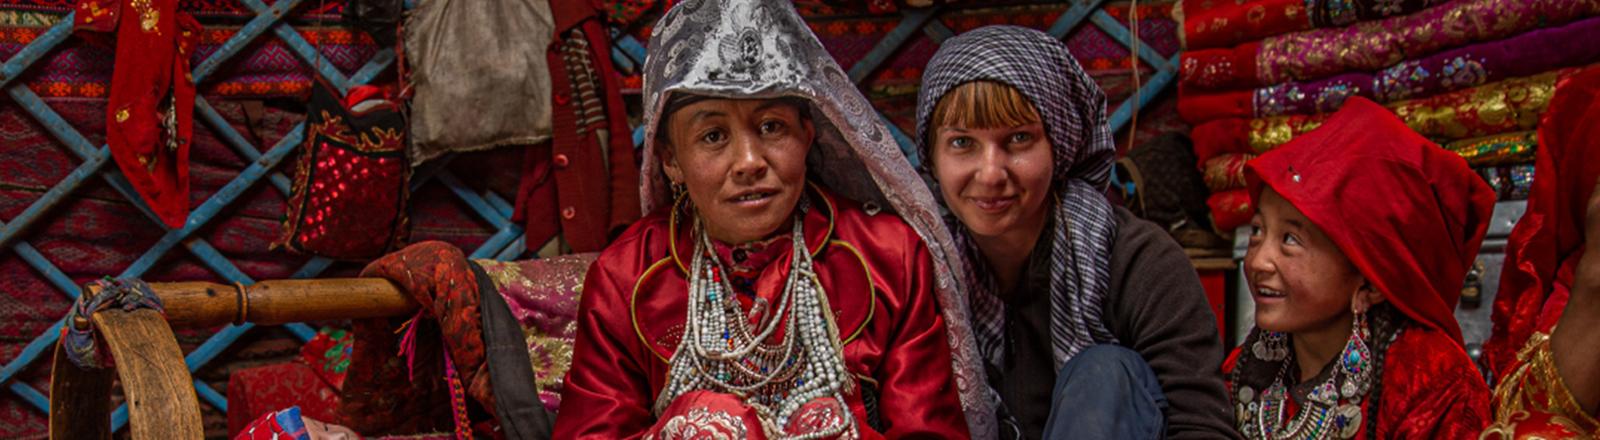 Die Fotografin Priska Seisenbacher mit einer Frau und einem Kind in einer Jurte in Pamir.